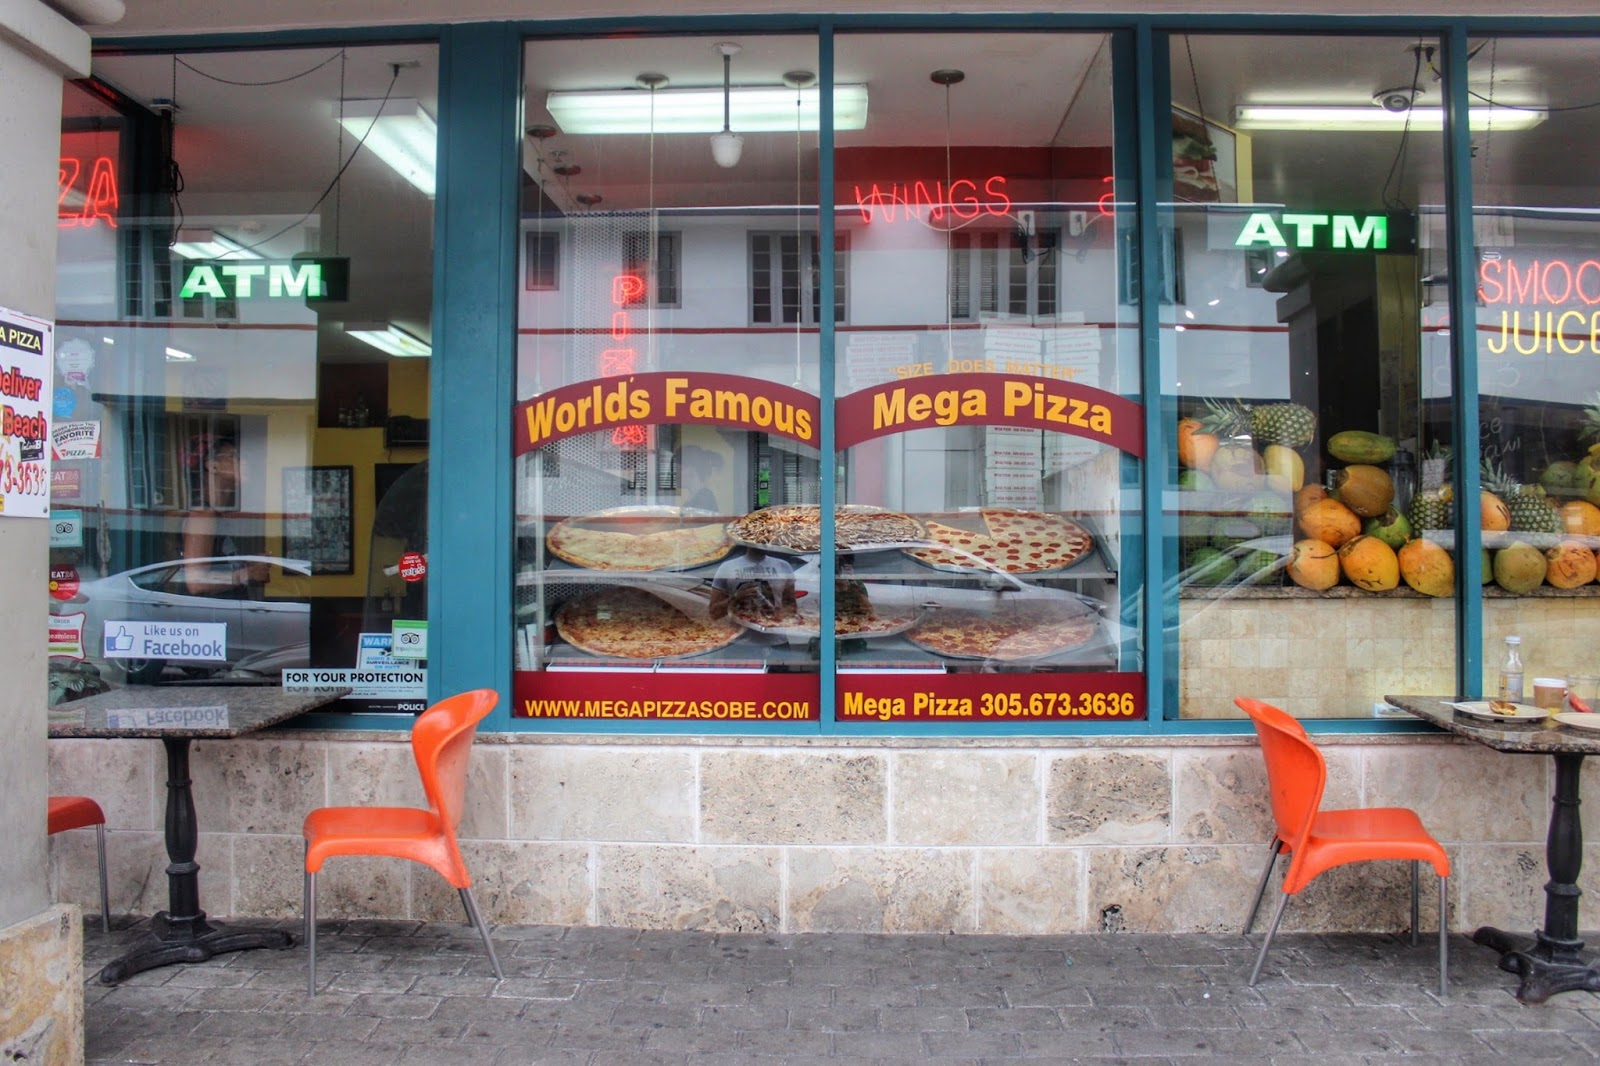 lifesthayle-miami-photodiary-mega-pizza.jpg